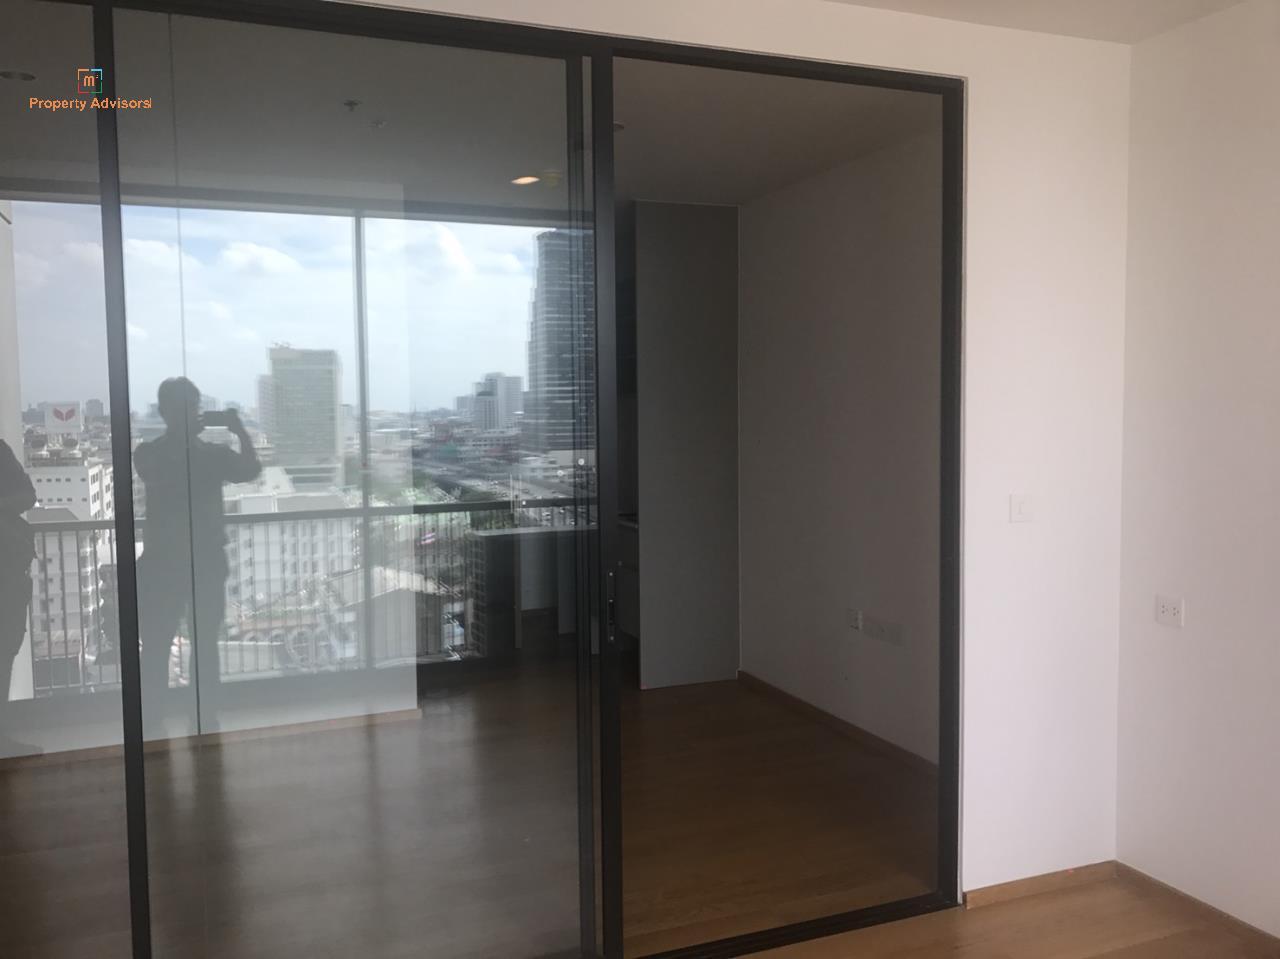 m2 Property Advisors Agency's Noble Revo Silom - New Super High floor room 4